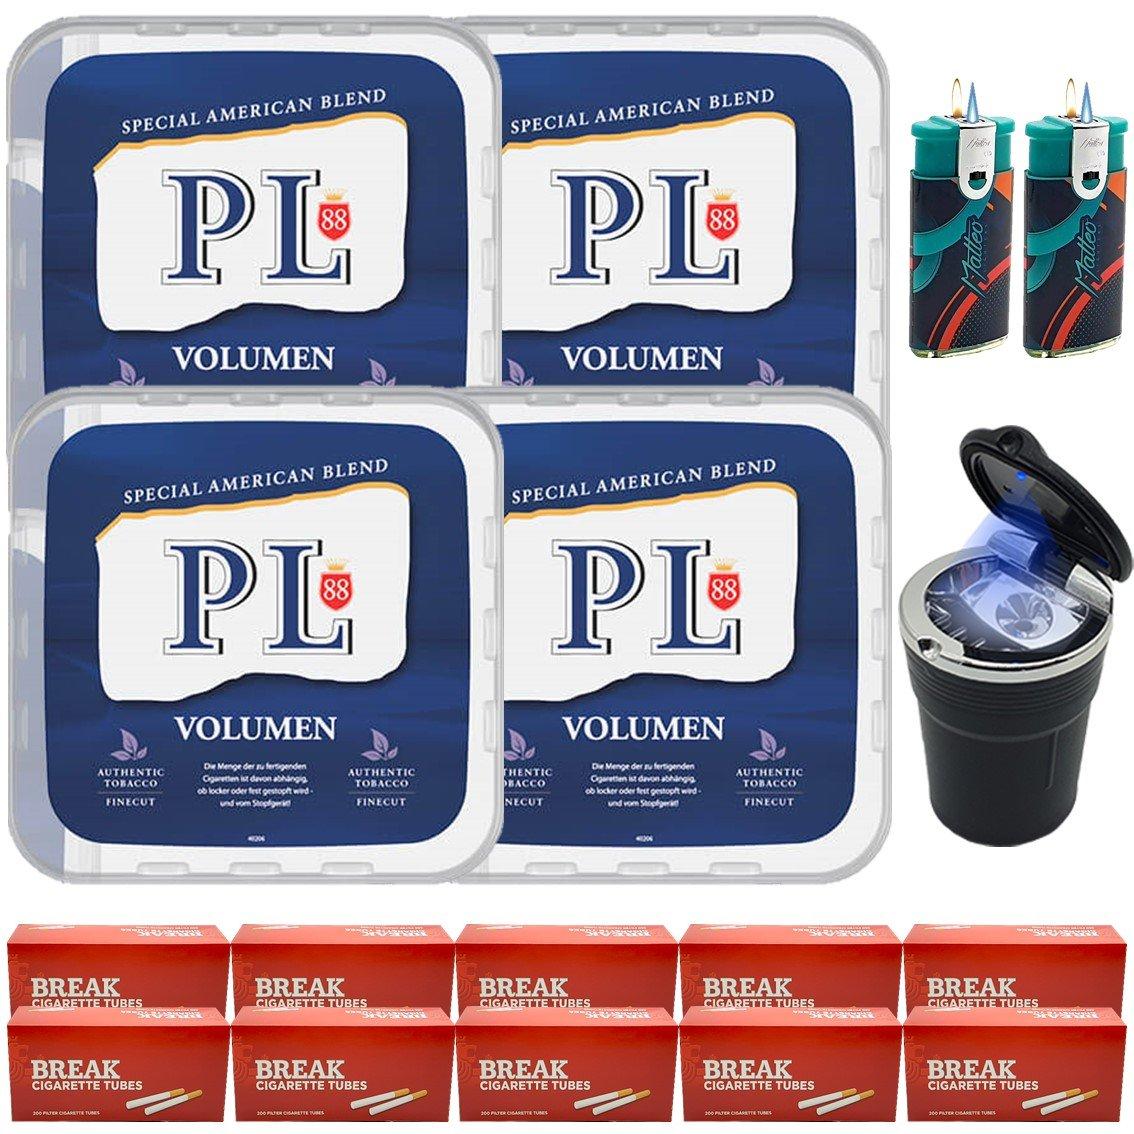 PL88 Blau 4 x 365g mit 2000 Hülsen